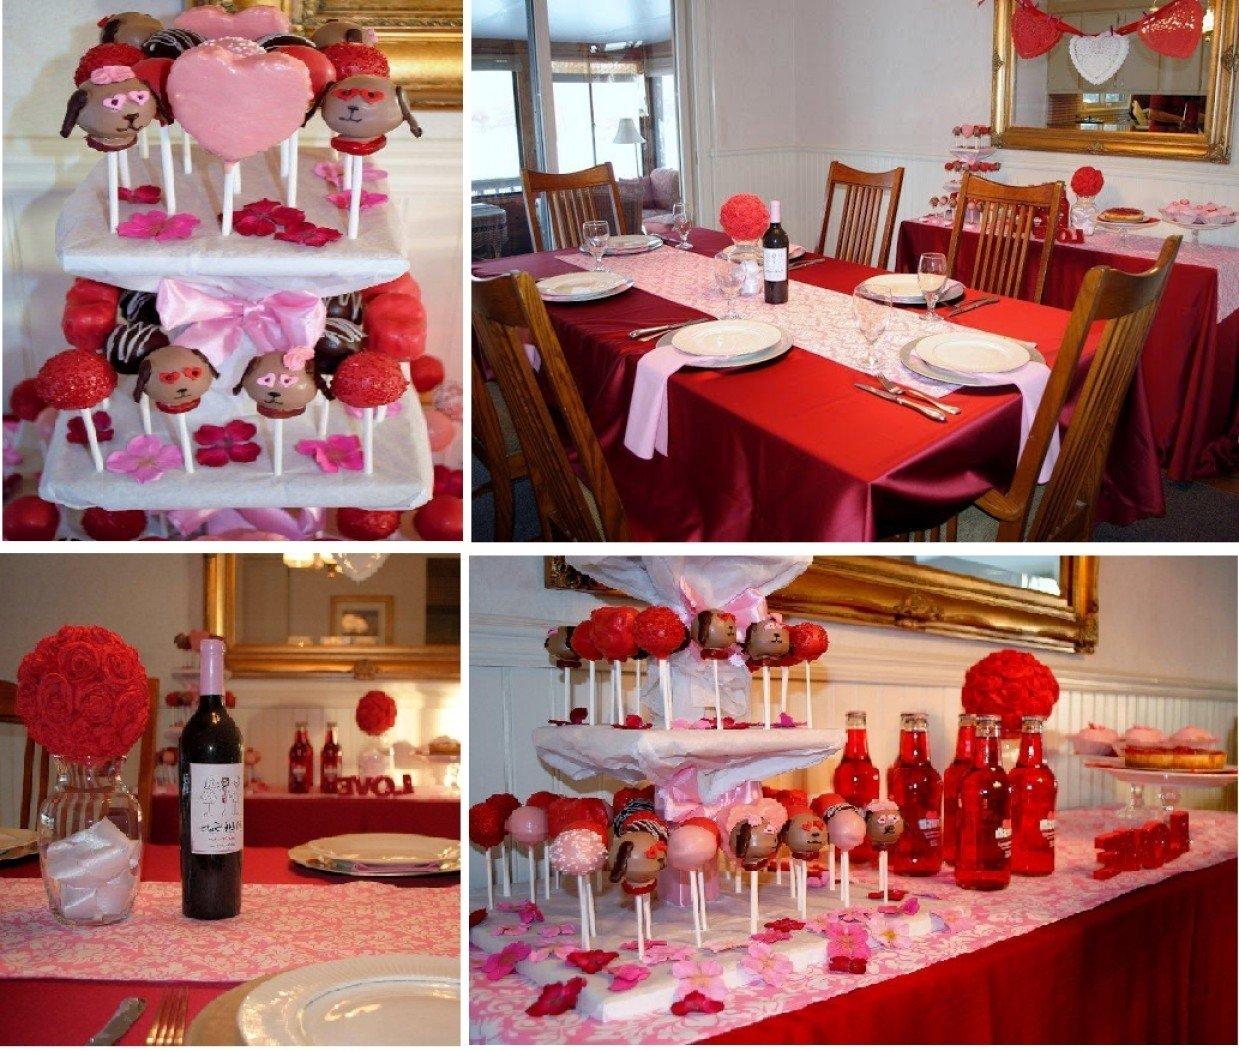 10 Unique Romantic Bedroom Ideas For Valentines Day bedroom romantic bed decoration valentines day craft decoration 2020